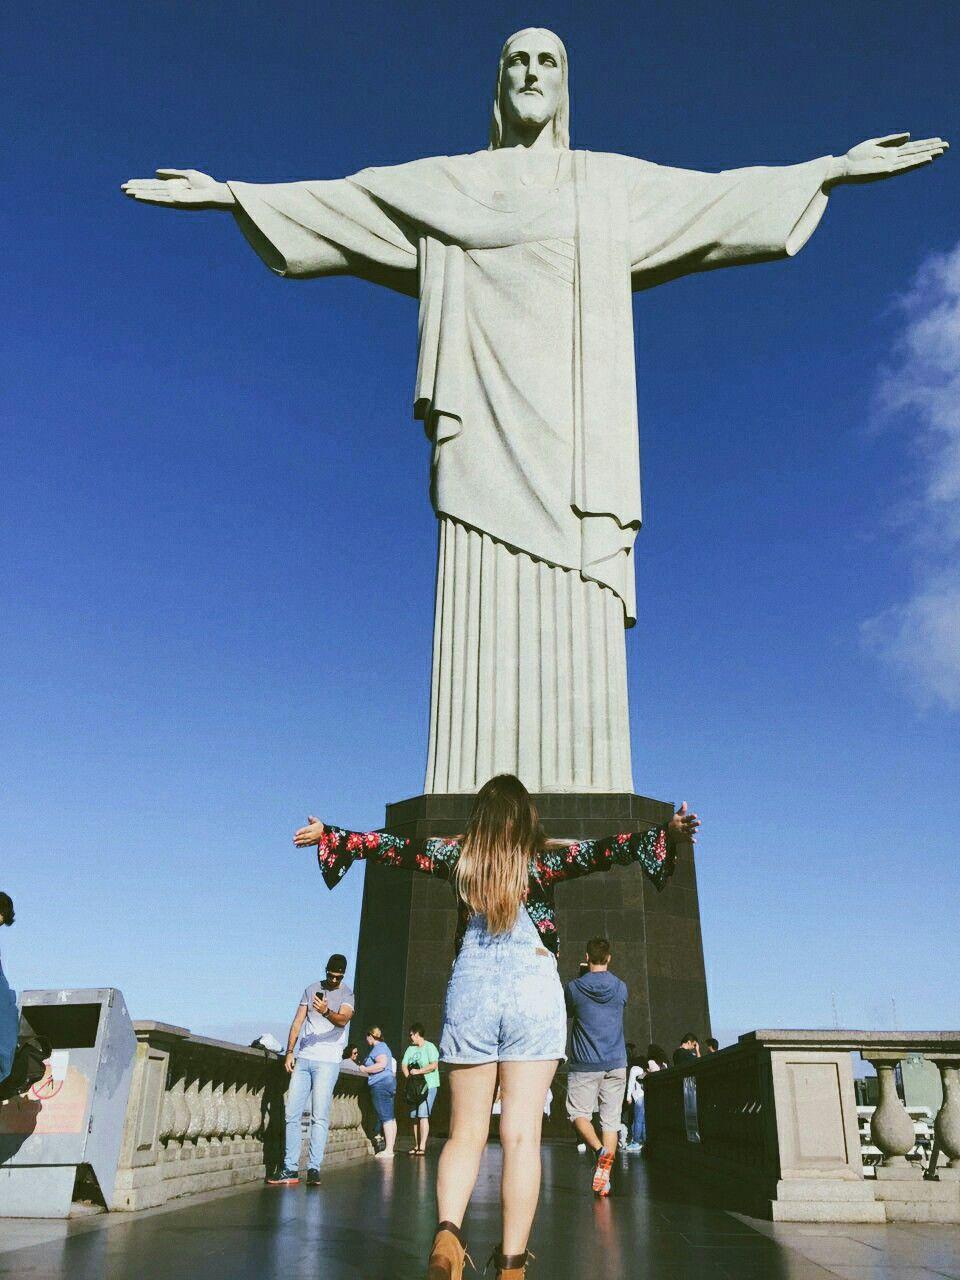 Cristo Redentor Rj 2017 Fotos Do Rio Cristo Redentor Ideias Para Ferias